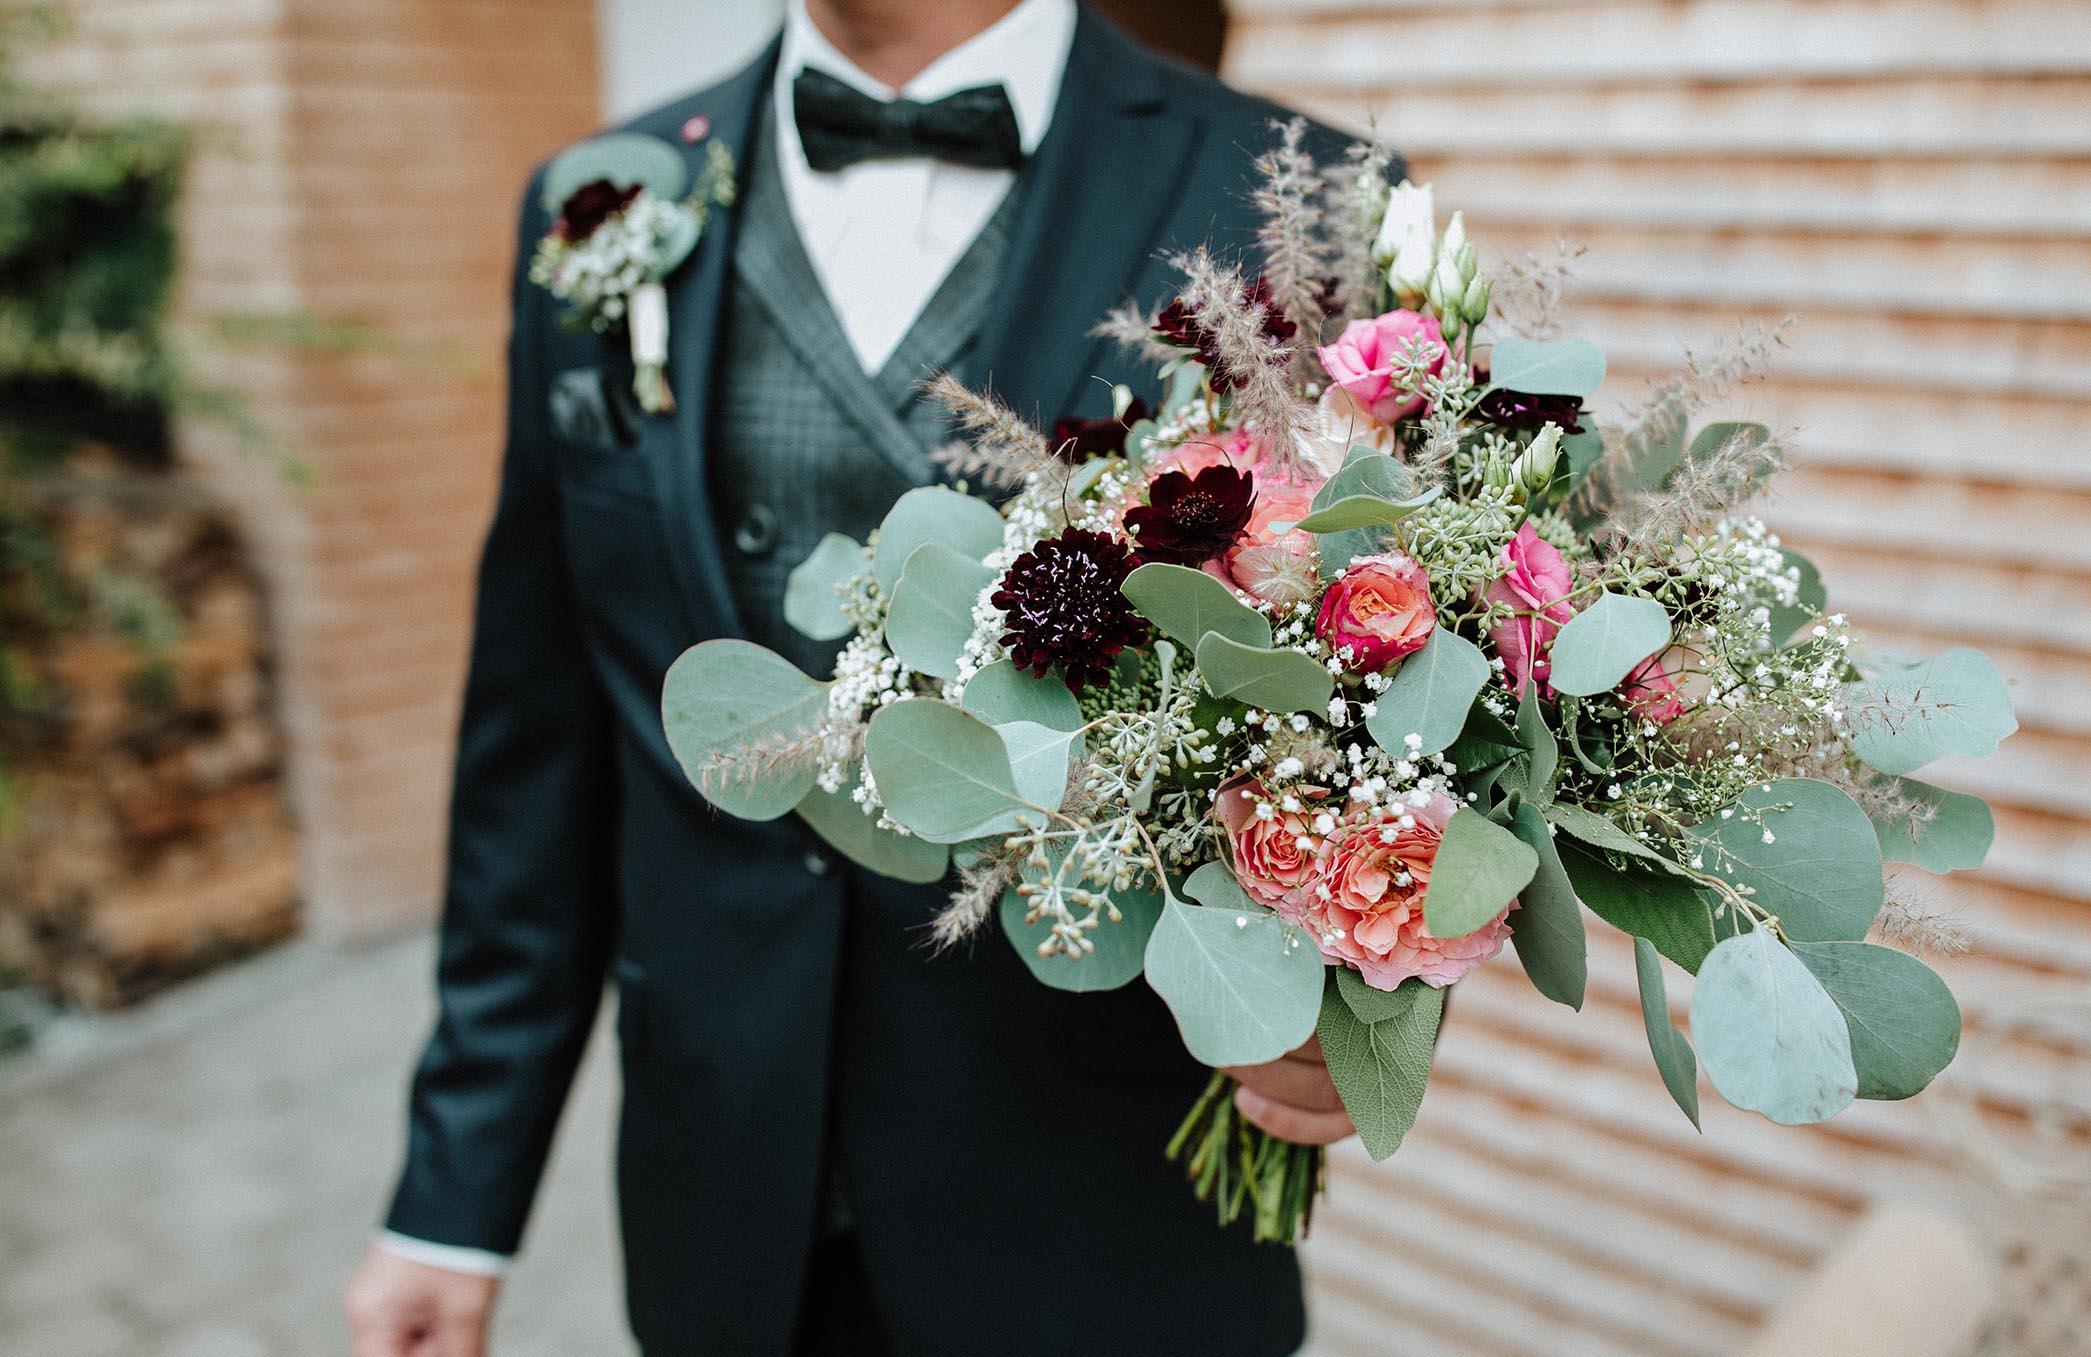 Flora Blumen & Dekor | Hochzeitsdekoration & Floristik